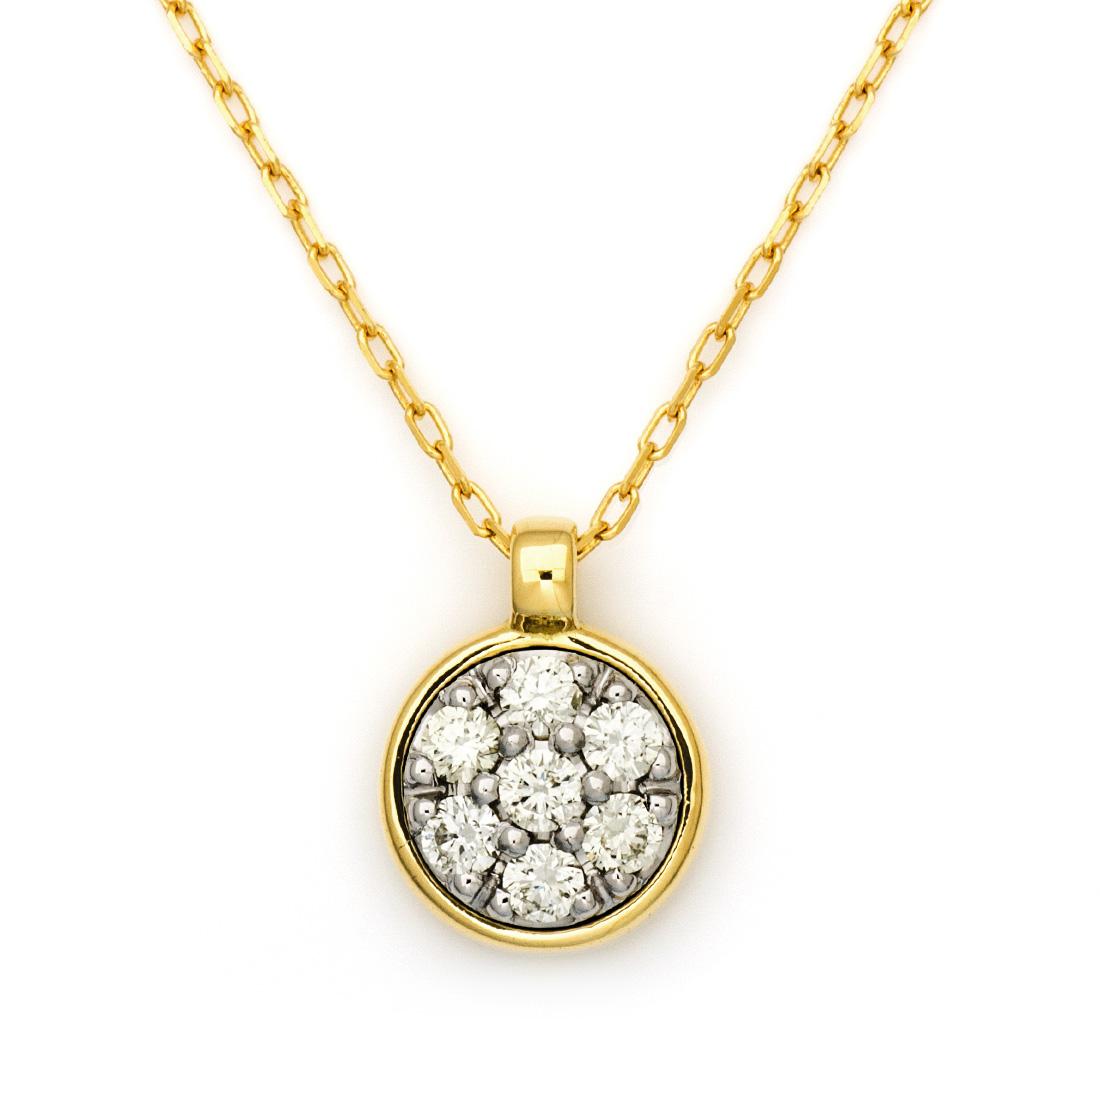 【GWクーポン配布中】ペンダント ダイヤモンド 「mirror」 プラチナ900 ゴールド K18 コンビネーション アズキチェーン 送料無料